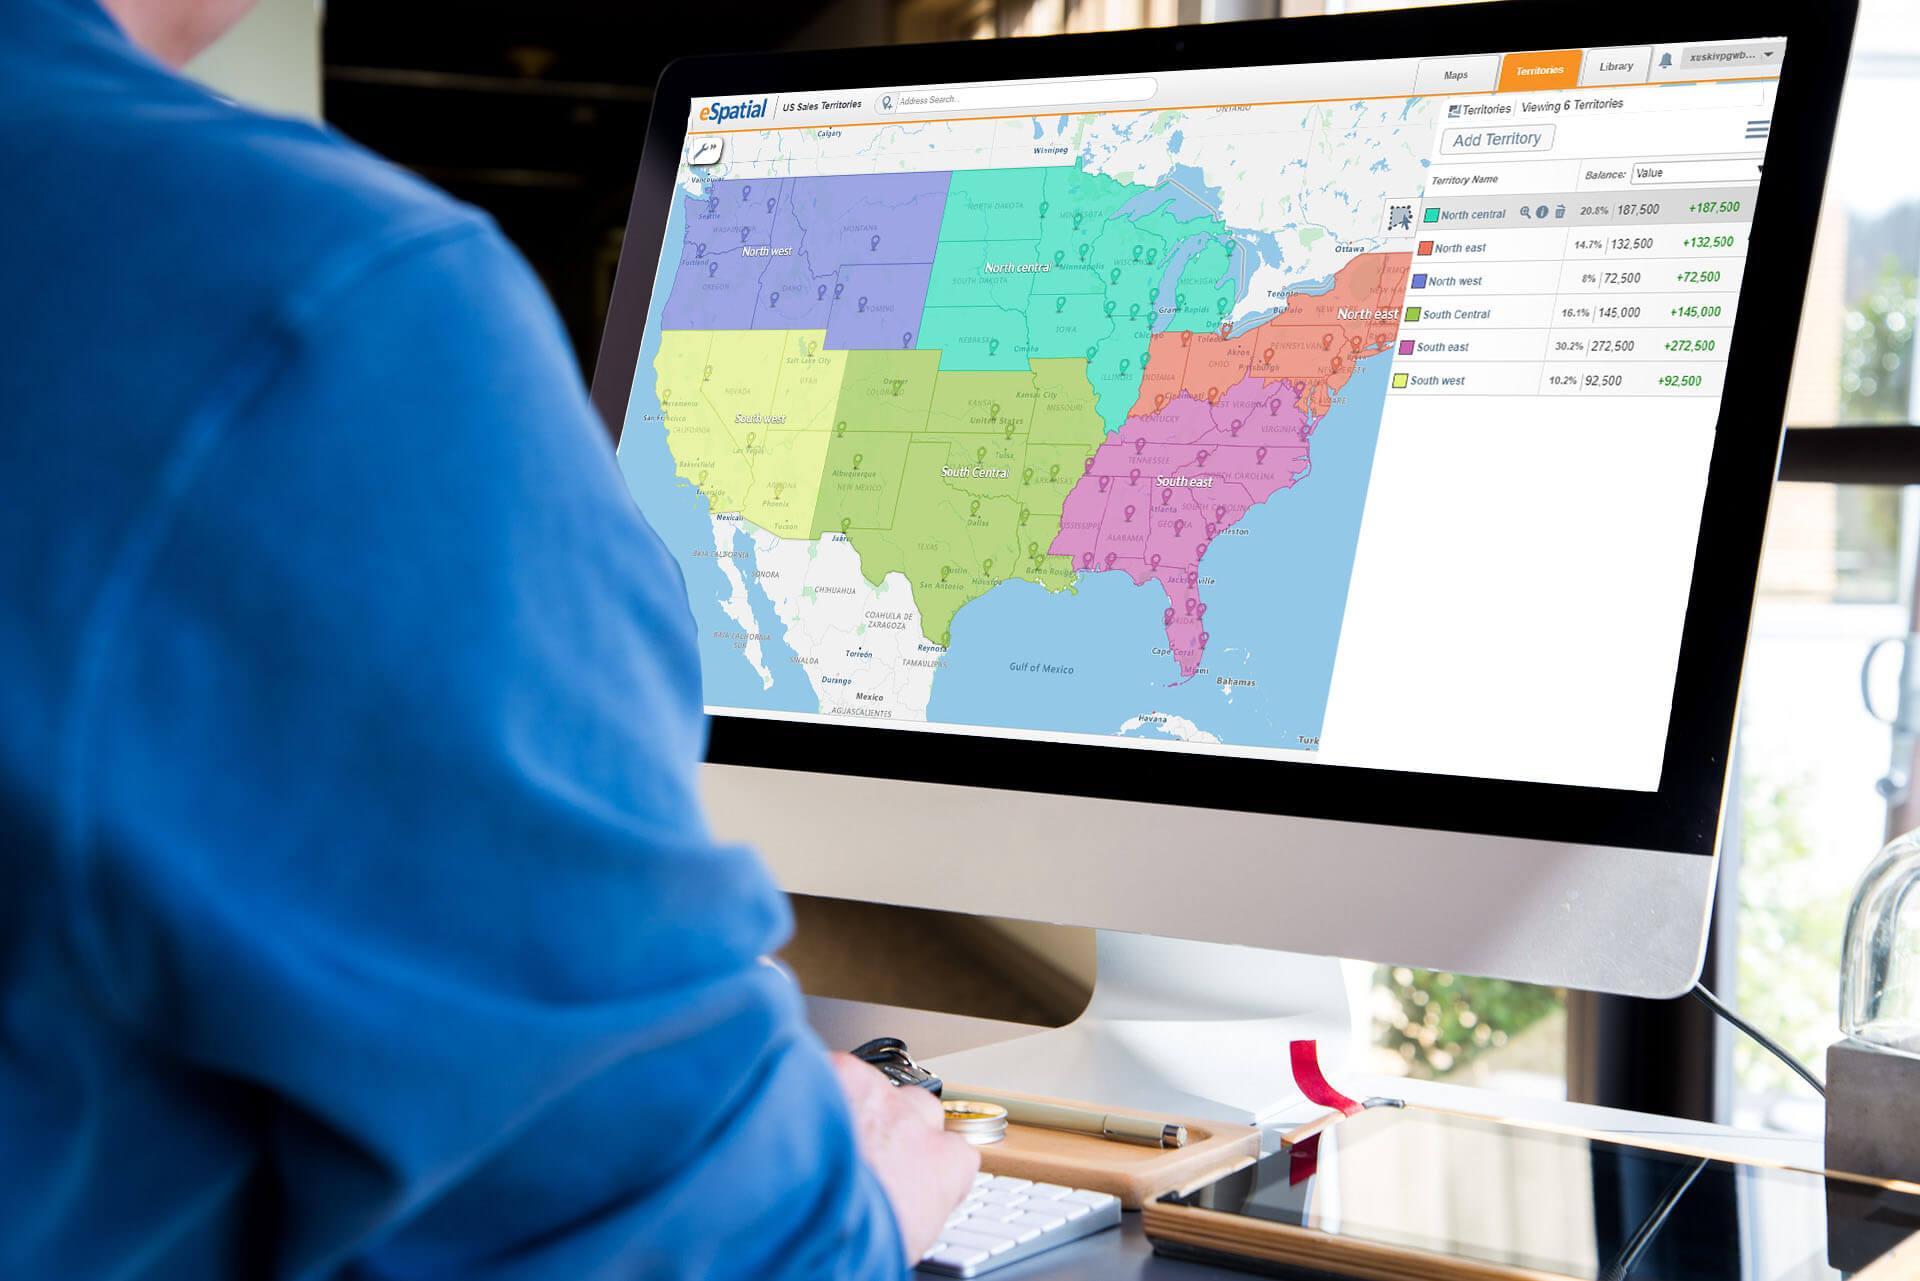 eSpatial territory management software